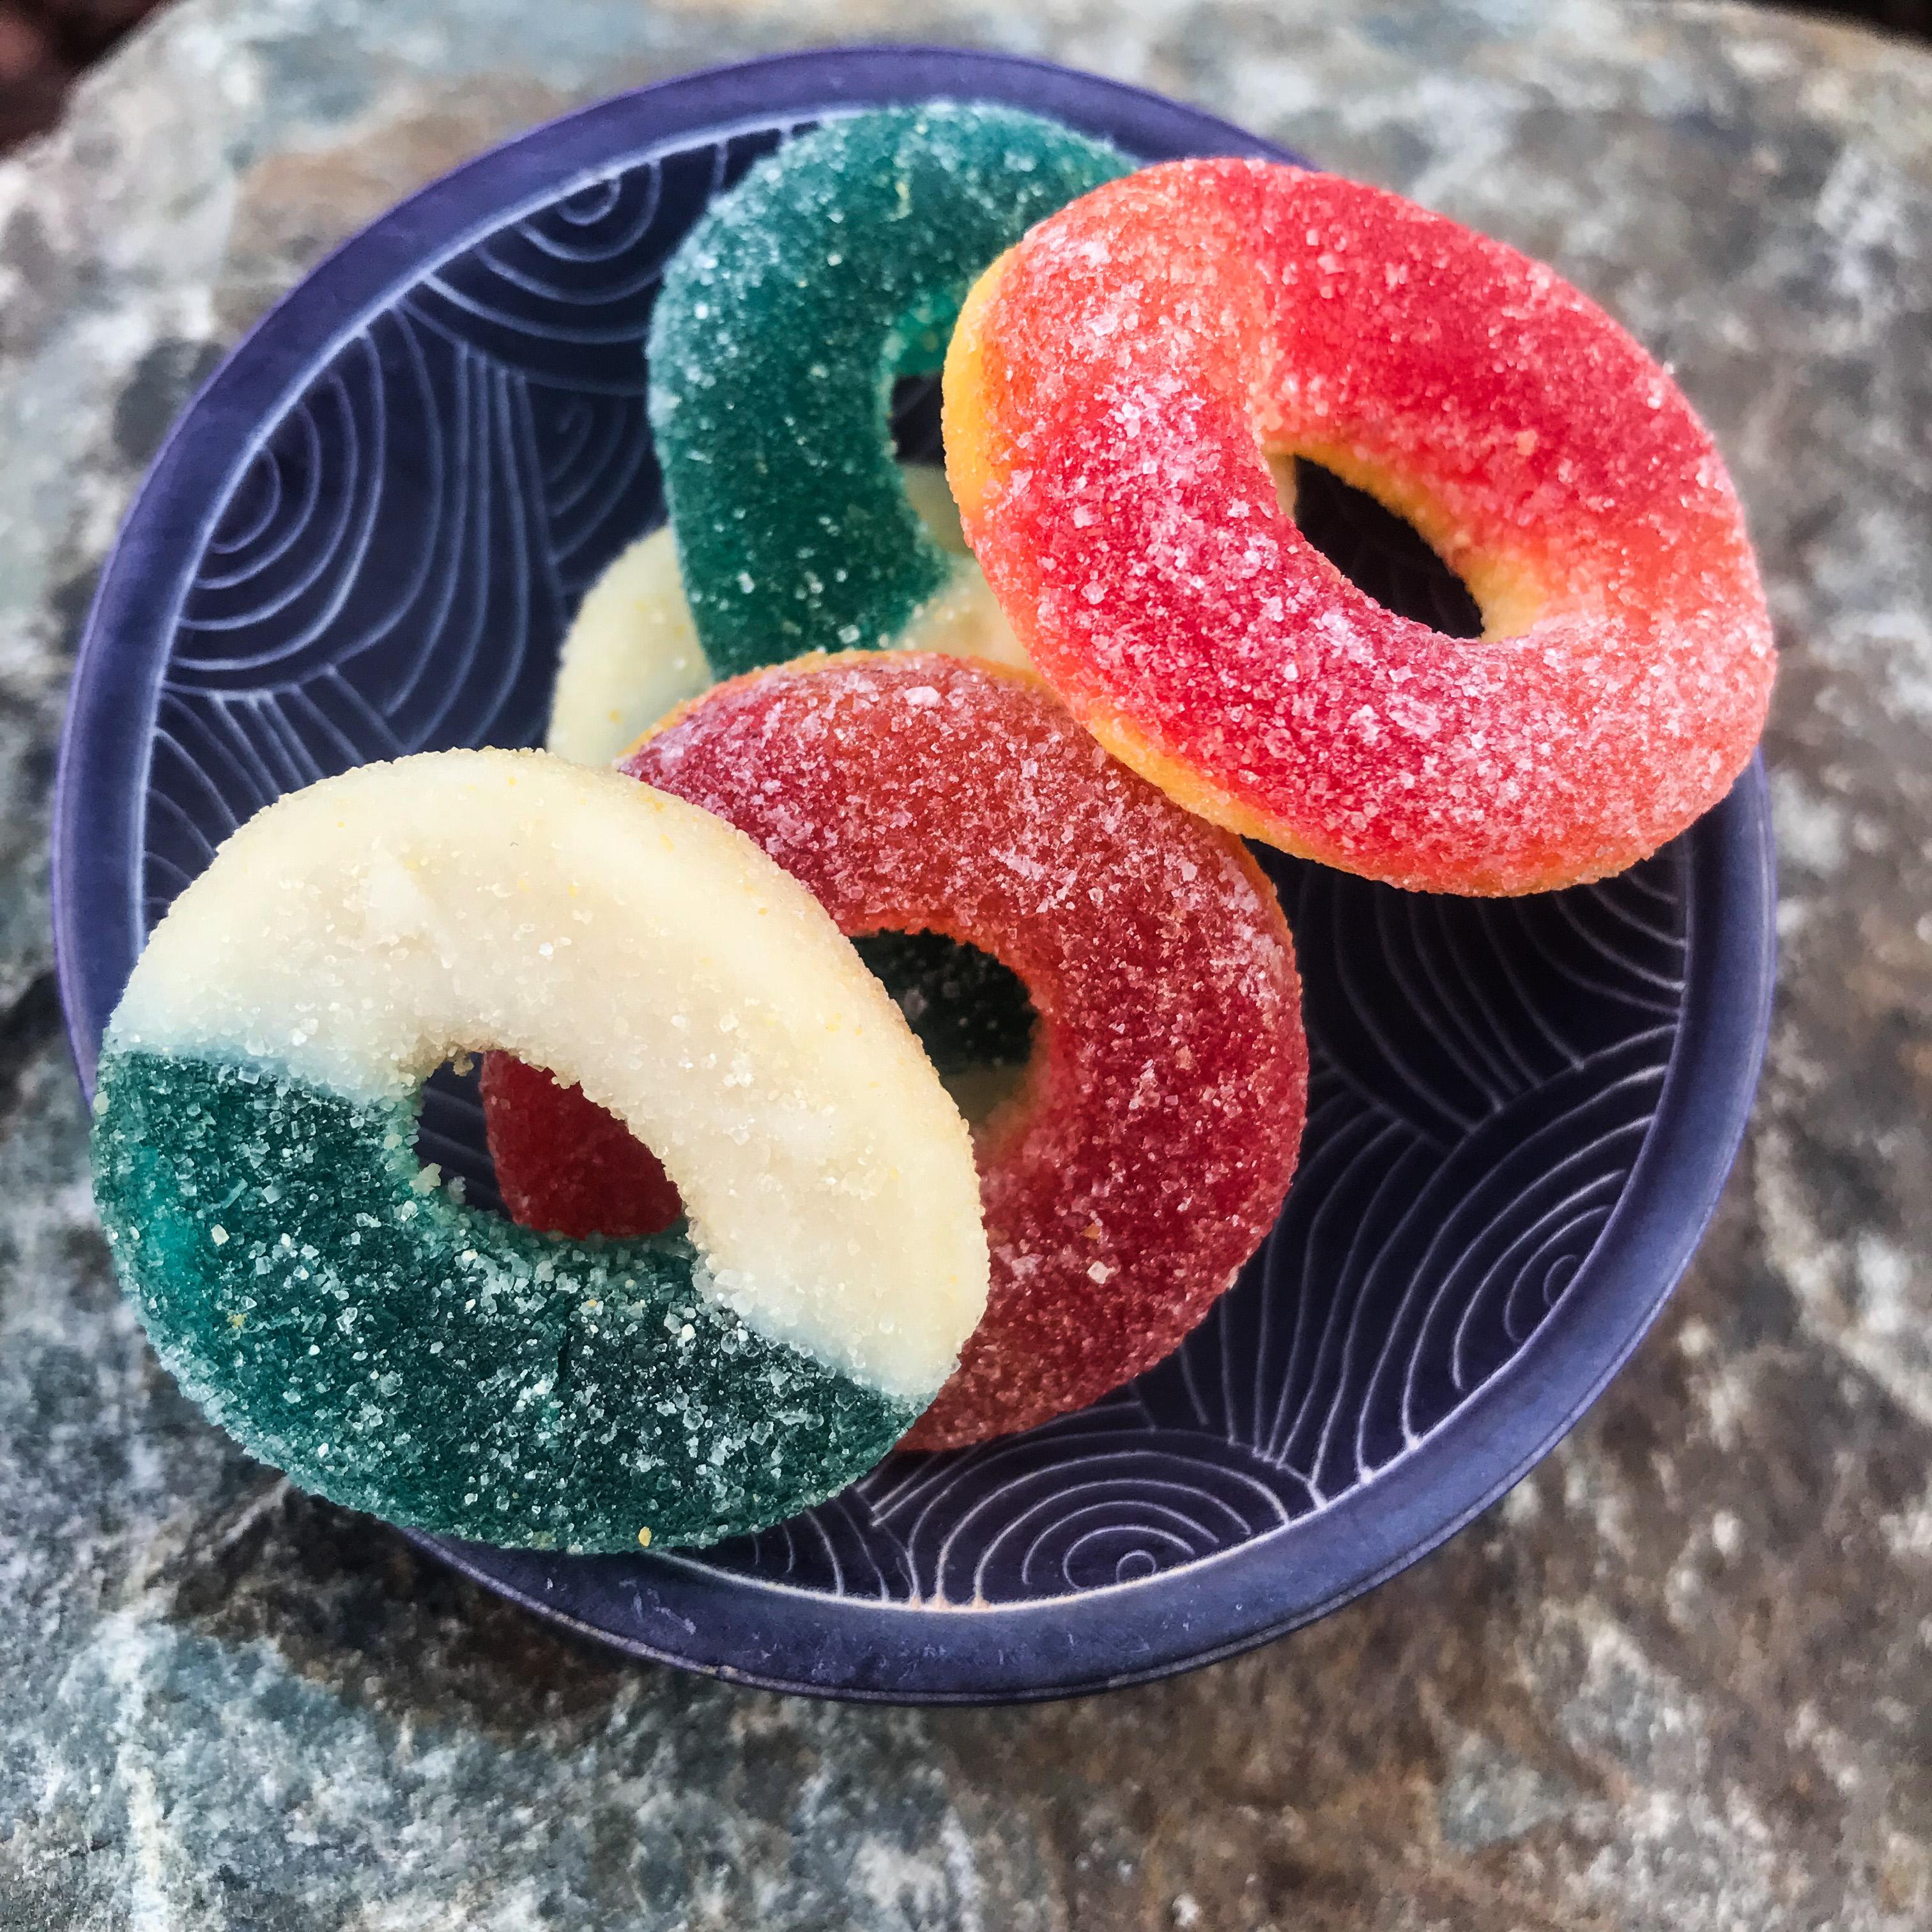 jamyn edibles peach rings medical marijuana arizona